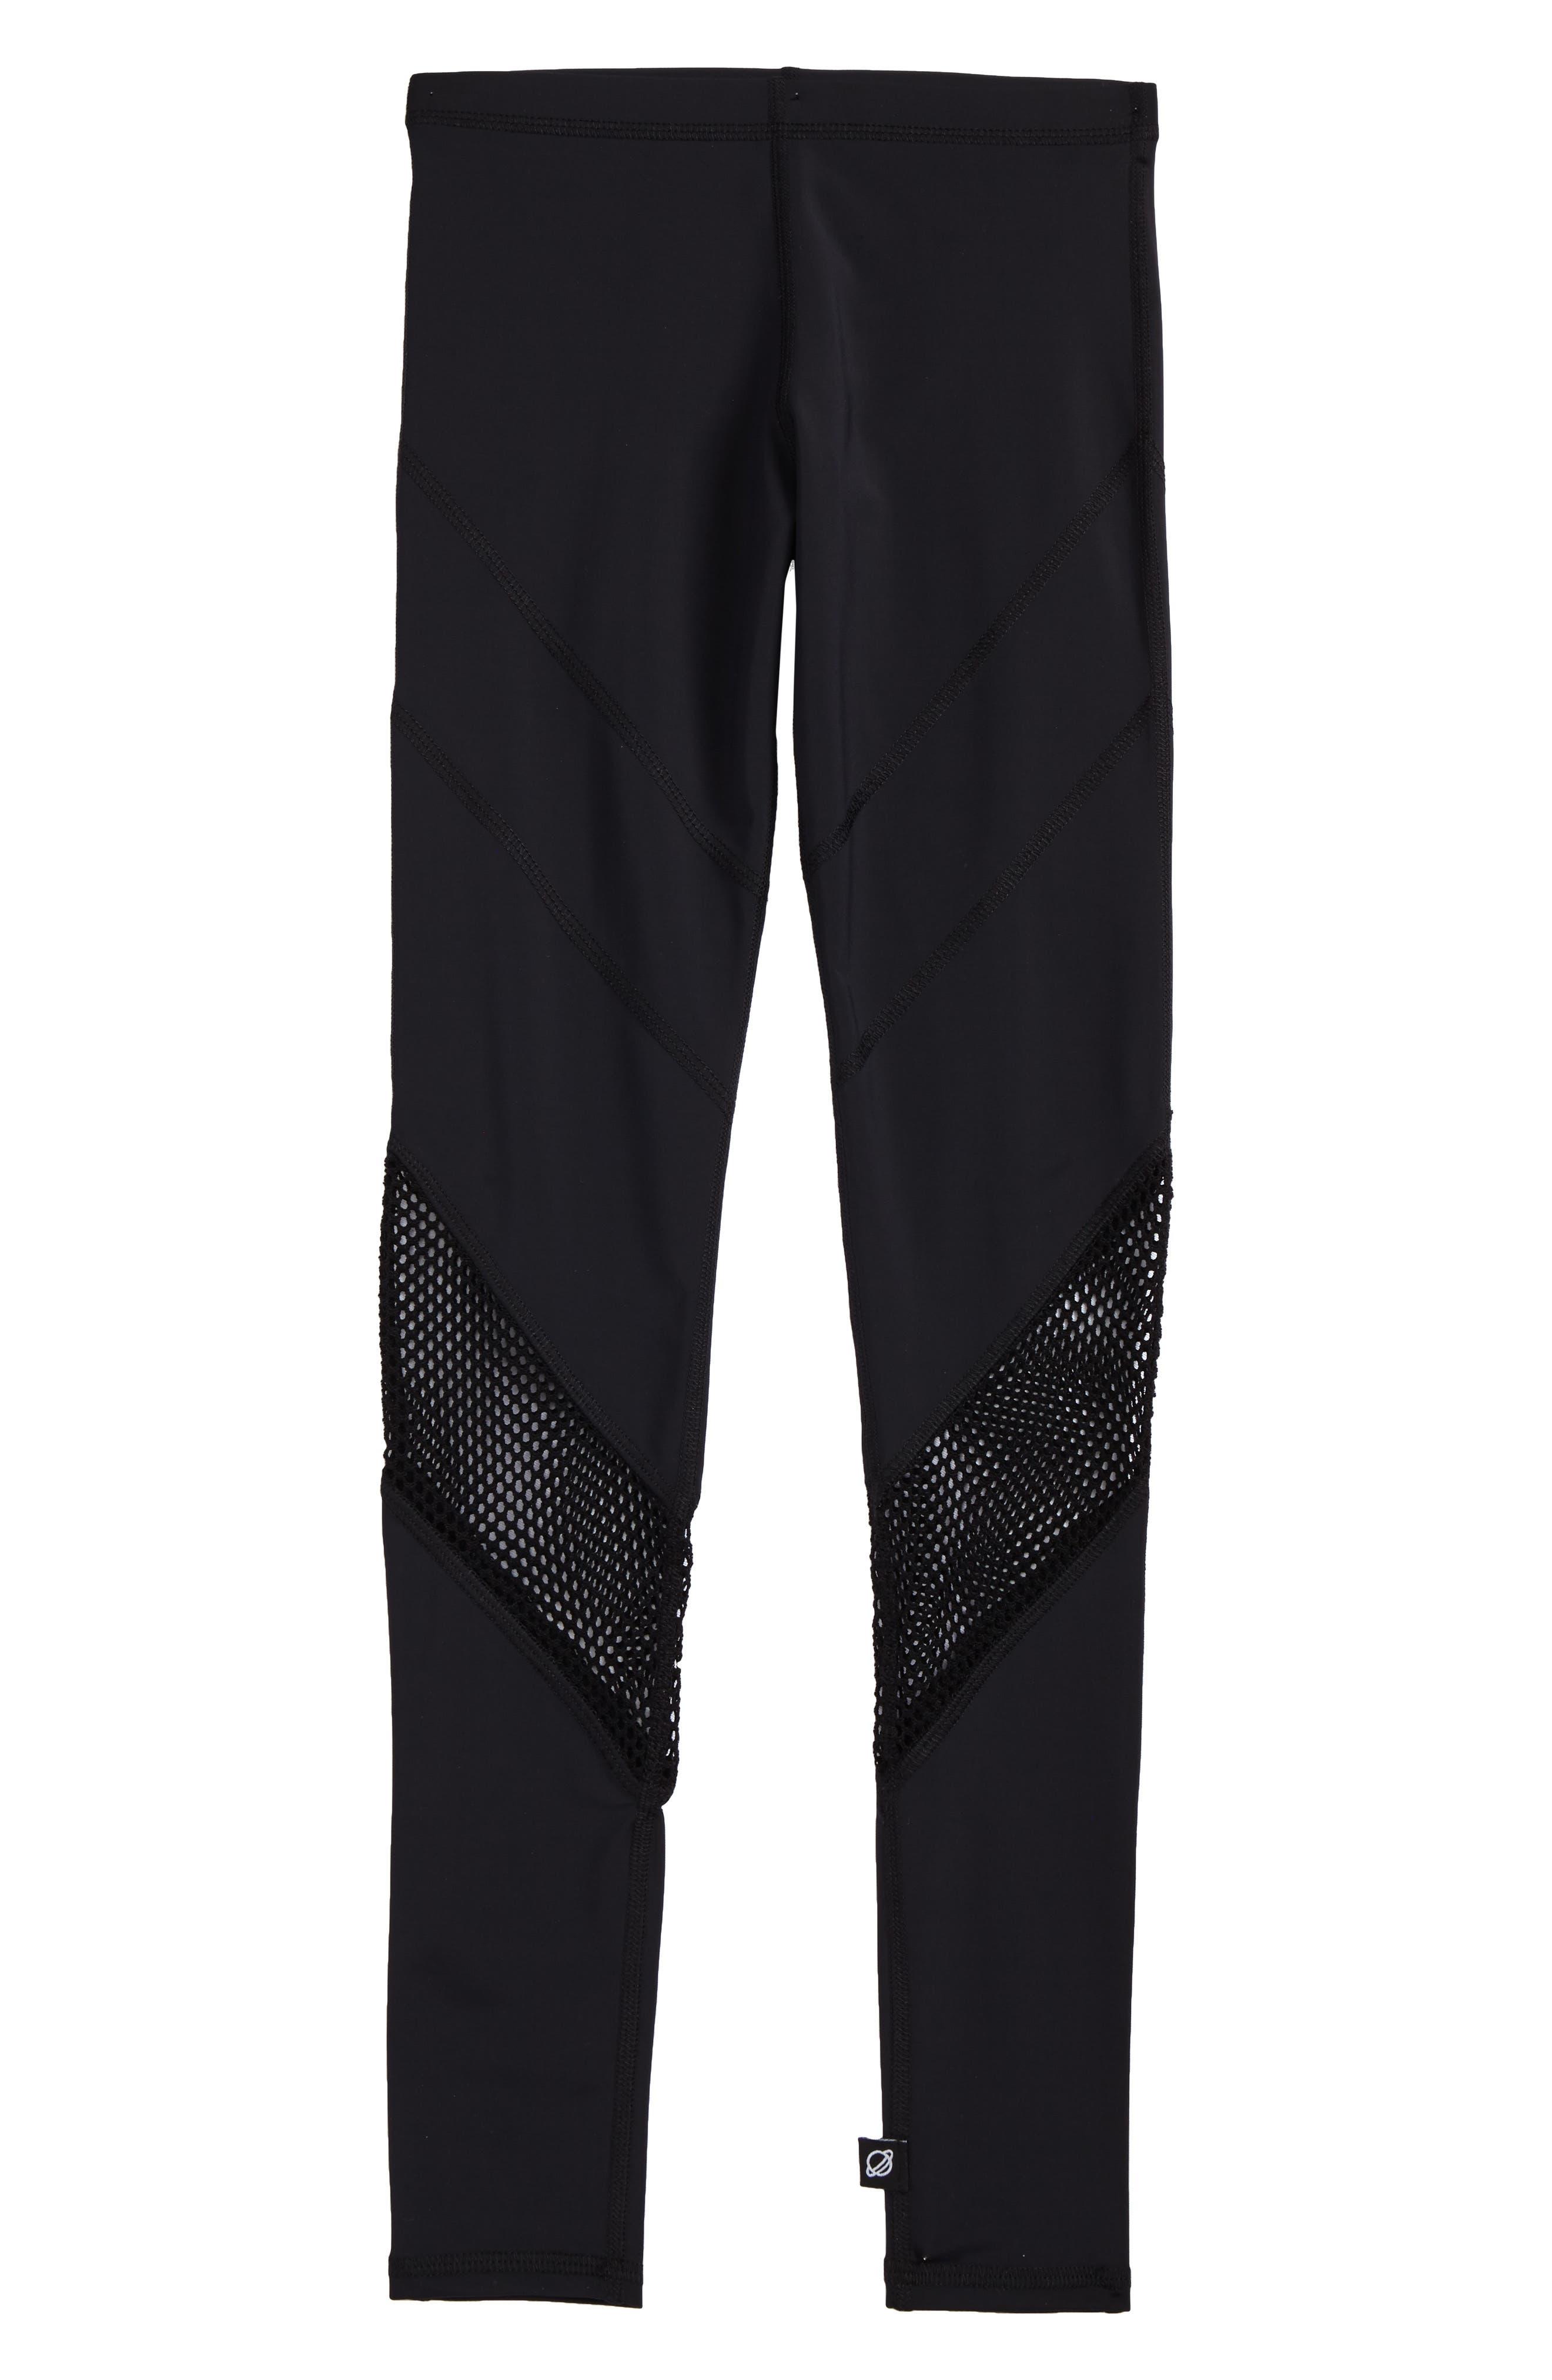 Mesh Panel Leggings,                             Main thumbnail 1, color,                             Black/ Black